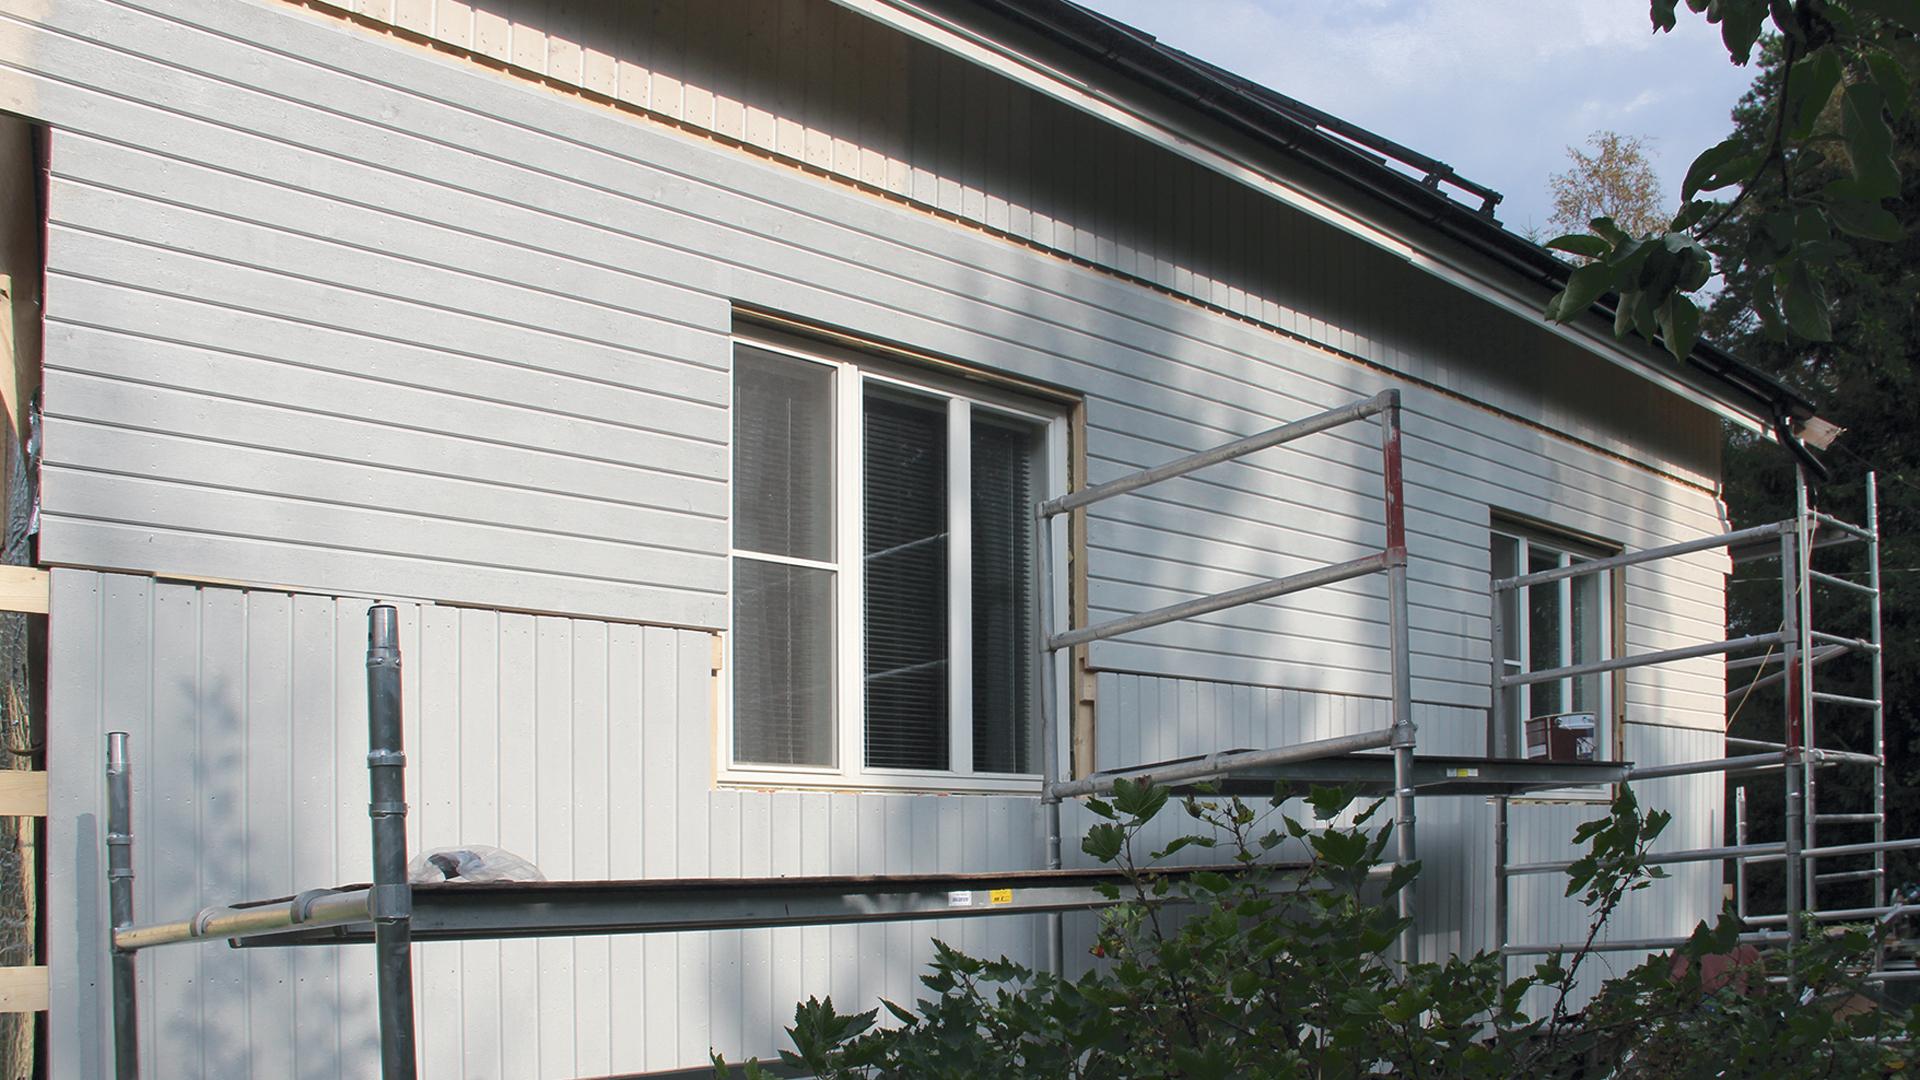 Talon ulkoverhouksen uusiminen hinta – Koti ja villieläinten